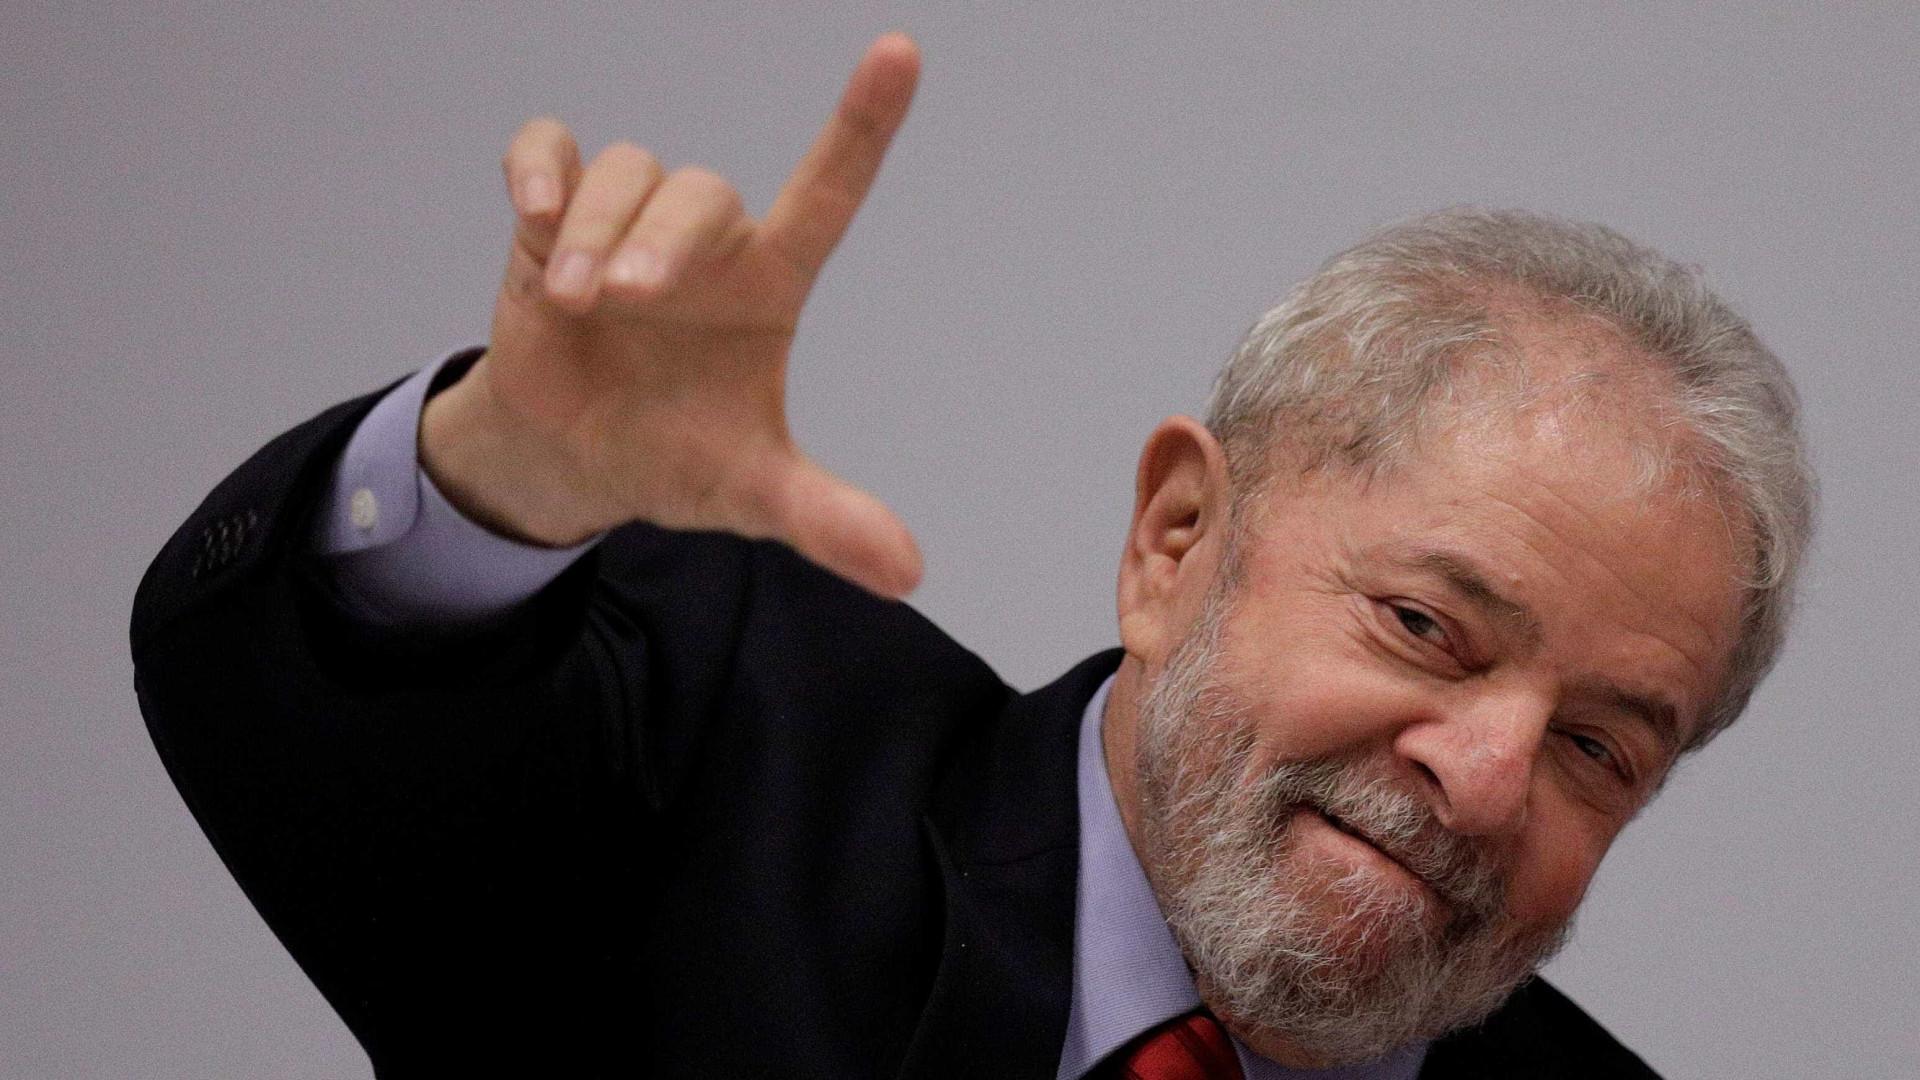 Maioria quer Lula condenado e preso, aponta Datafolha